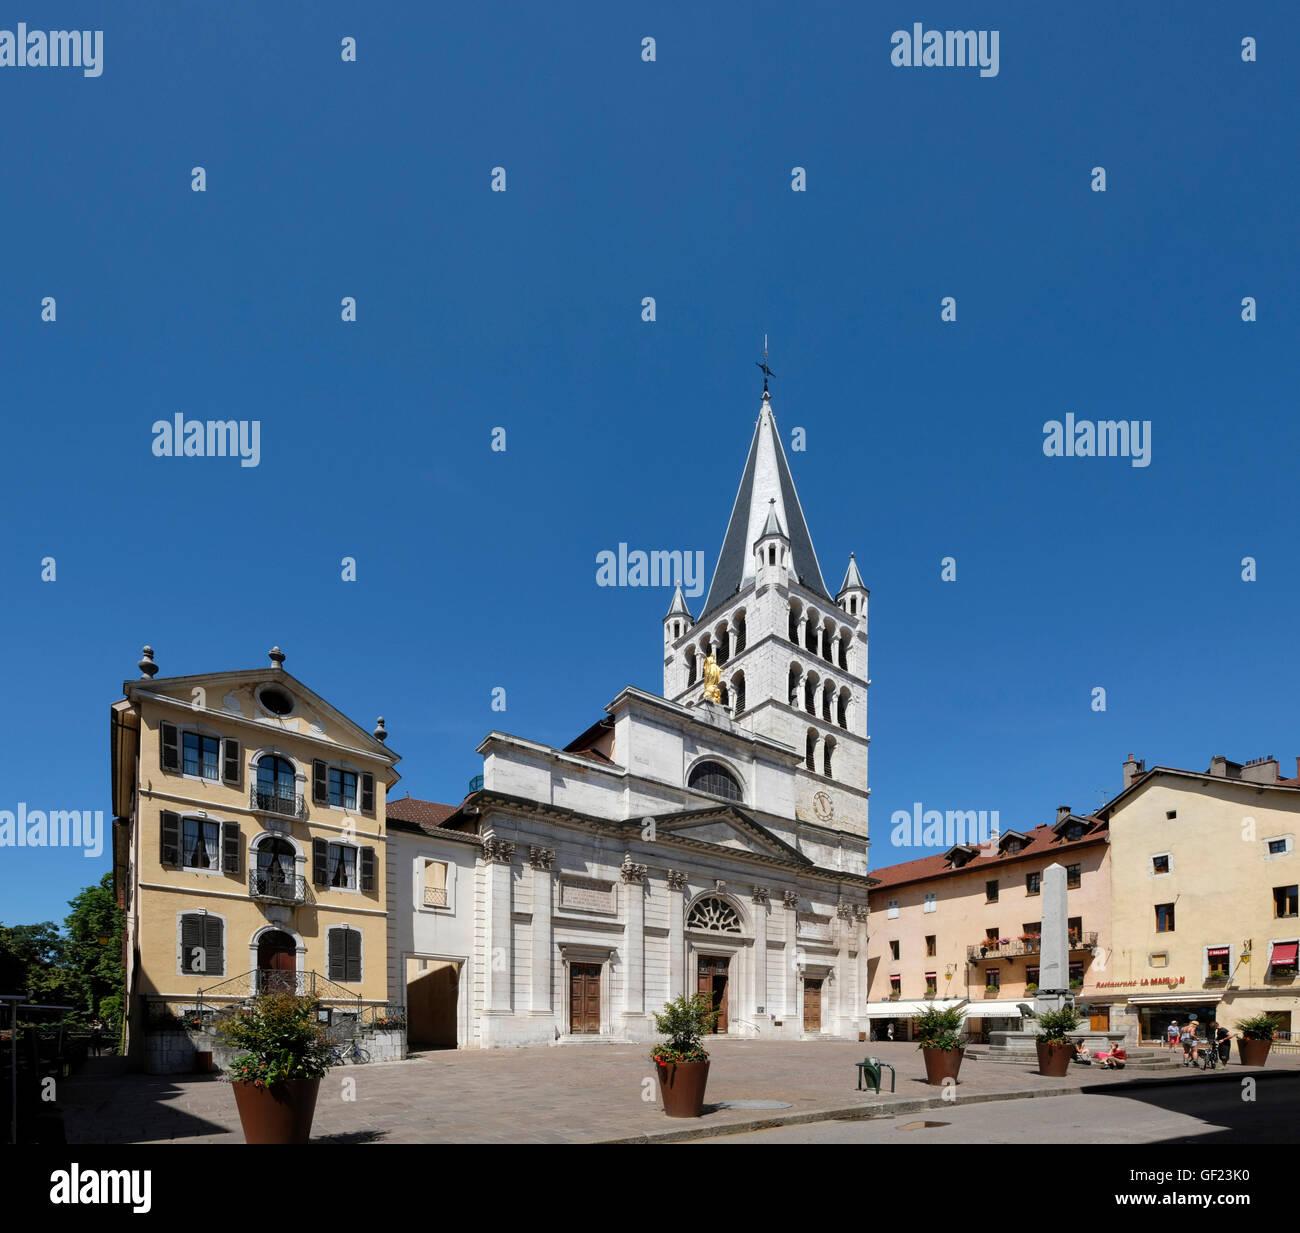 Eglise Notre Dame de Liesse. Annecy, Haute-Savoie, France. Stock Photo